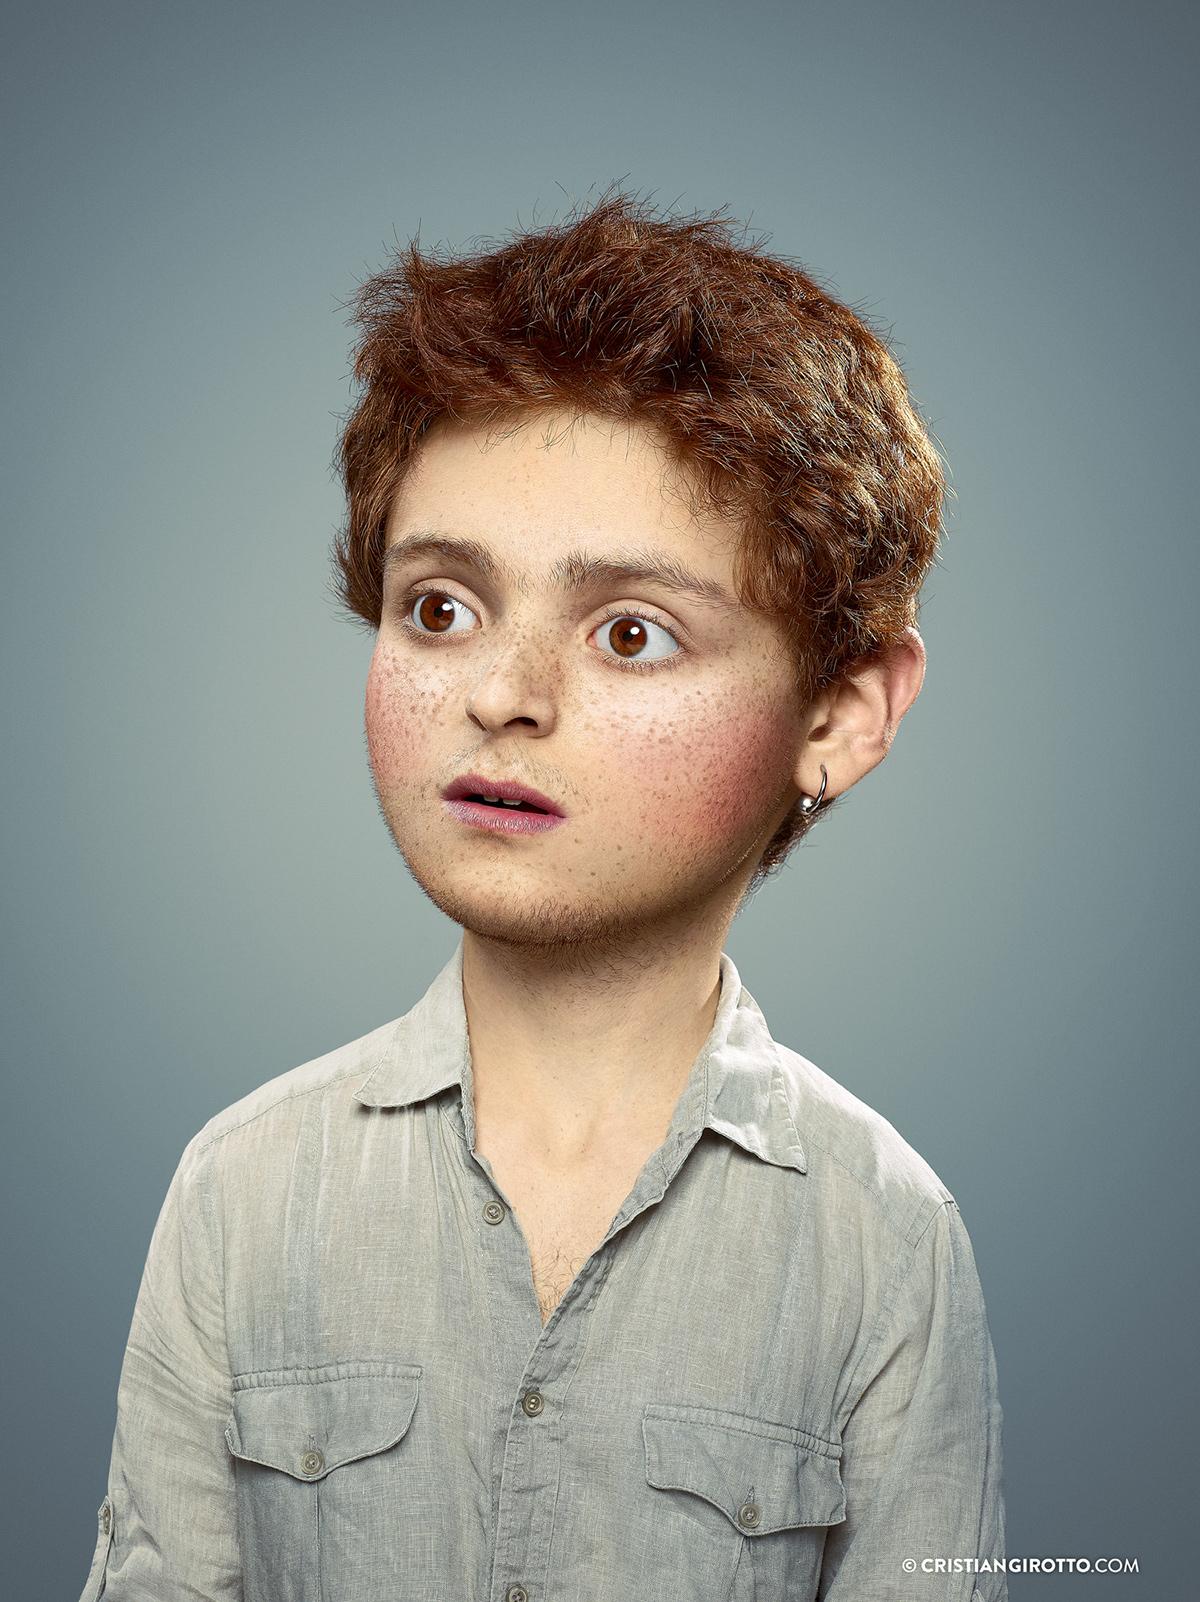 Adobe Portfolio Cristian Girotto retouch Photo Manipulation  photoshop Photo Montage Post Production portrait kid  enfant exterieur outer child caricature